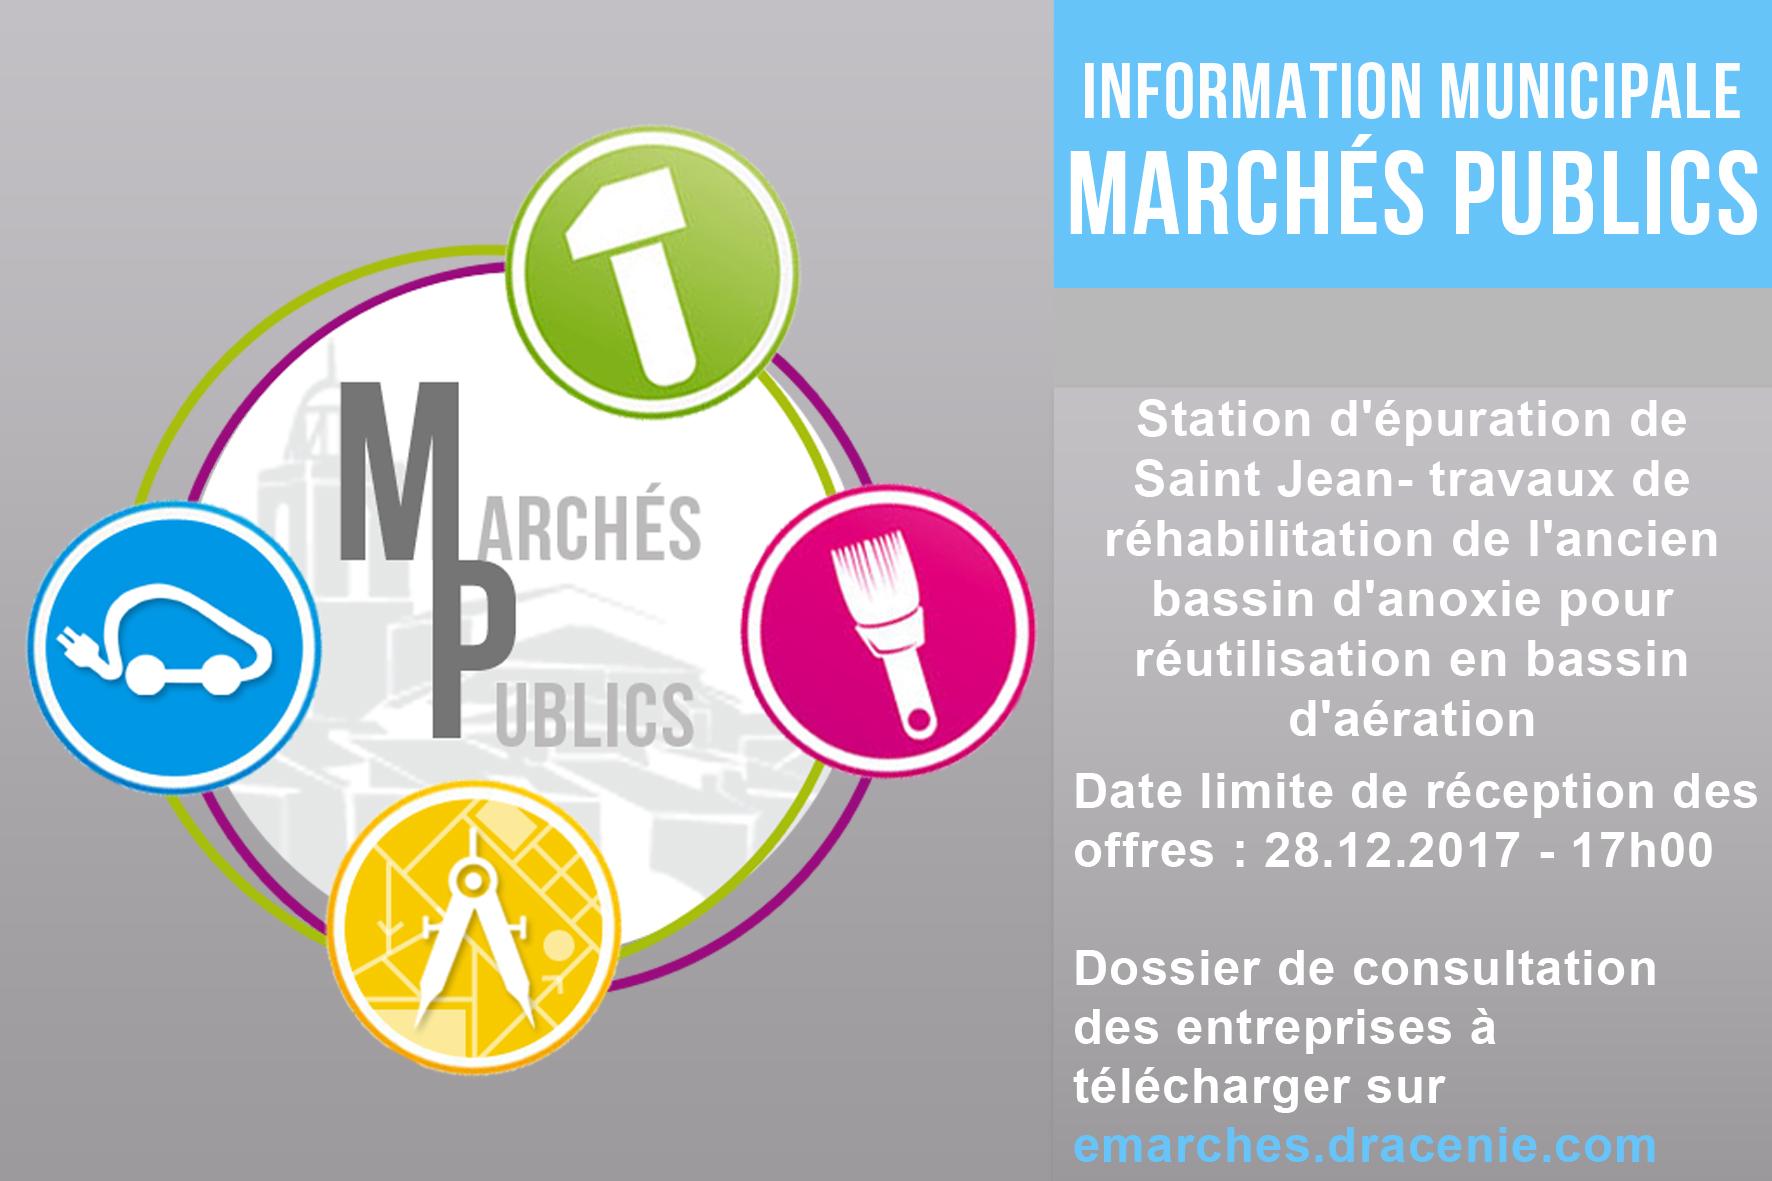 MAPA Station d'épuration de Saint Jean- travaux de réhabilitation de l'ancien bassin d'anoxie pour réutilisation en bassin d'aération